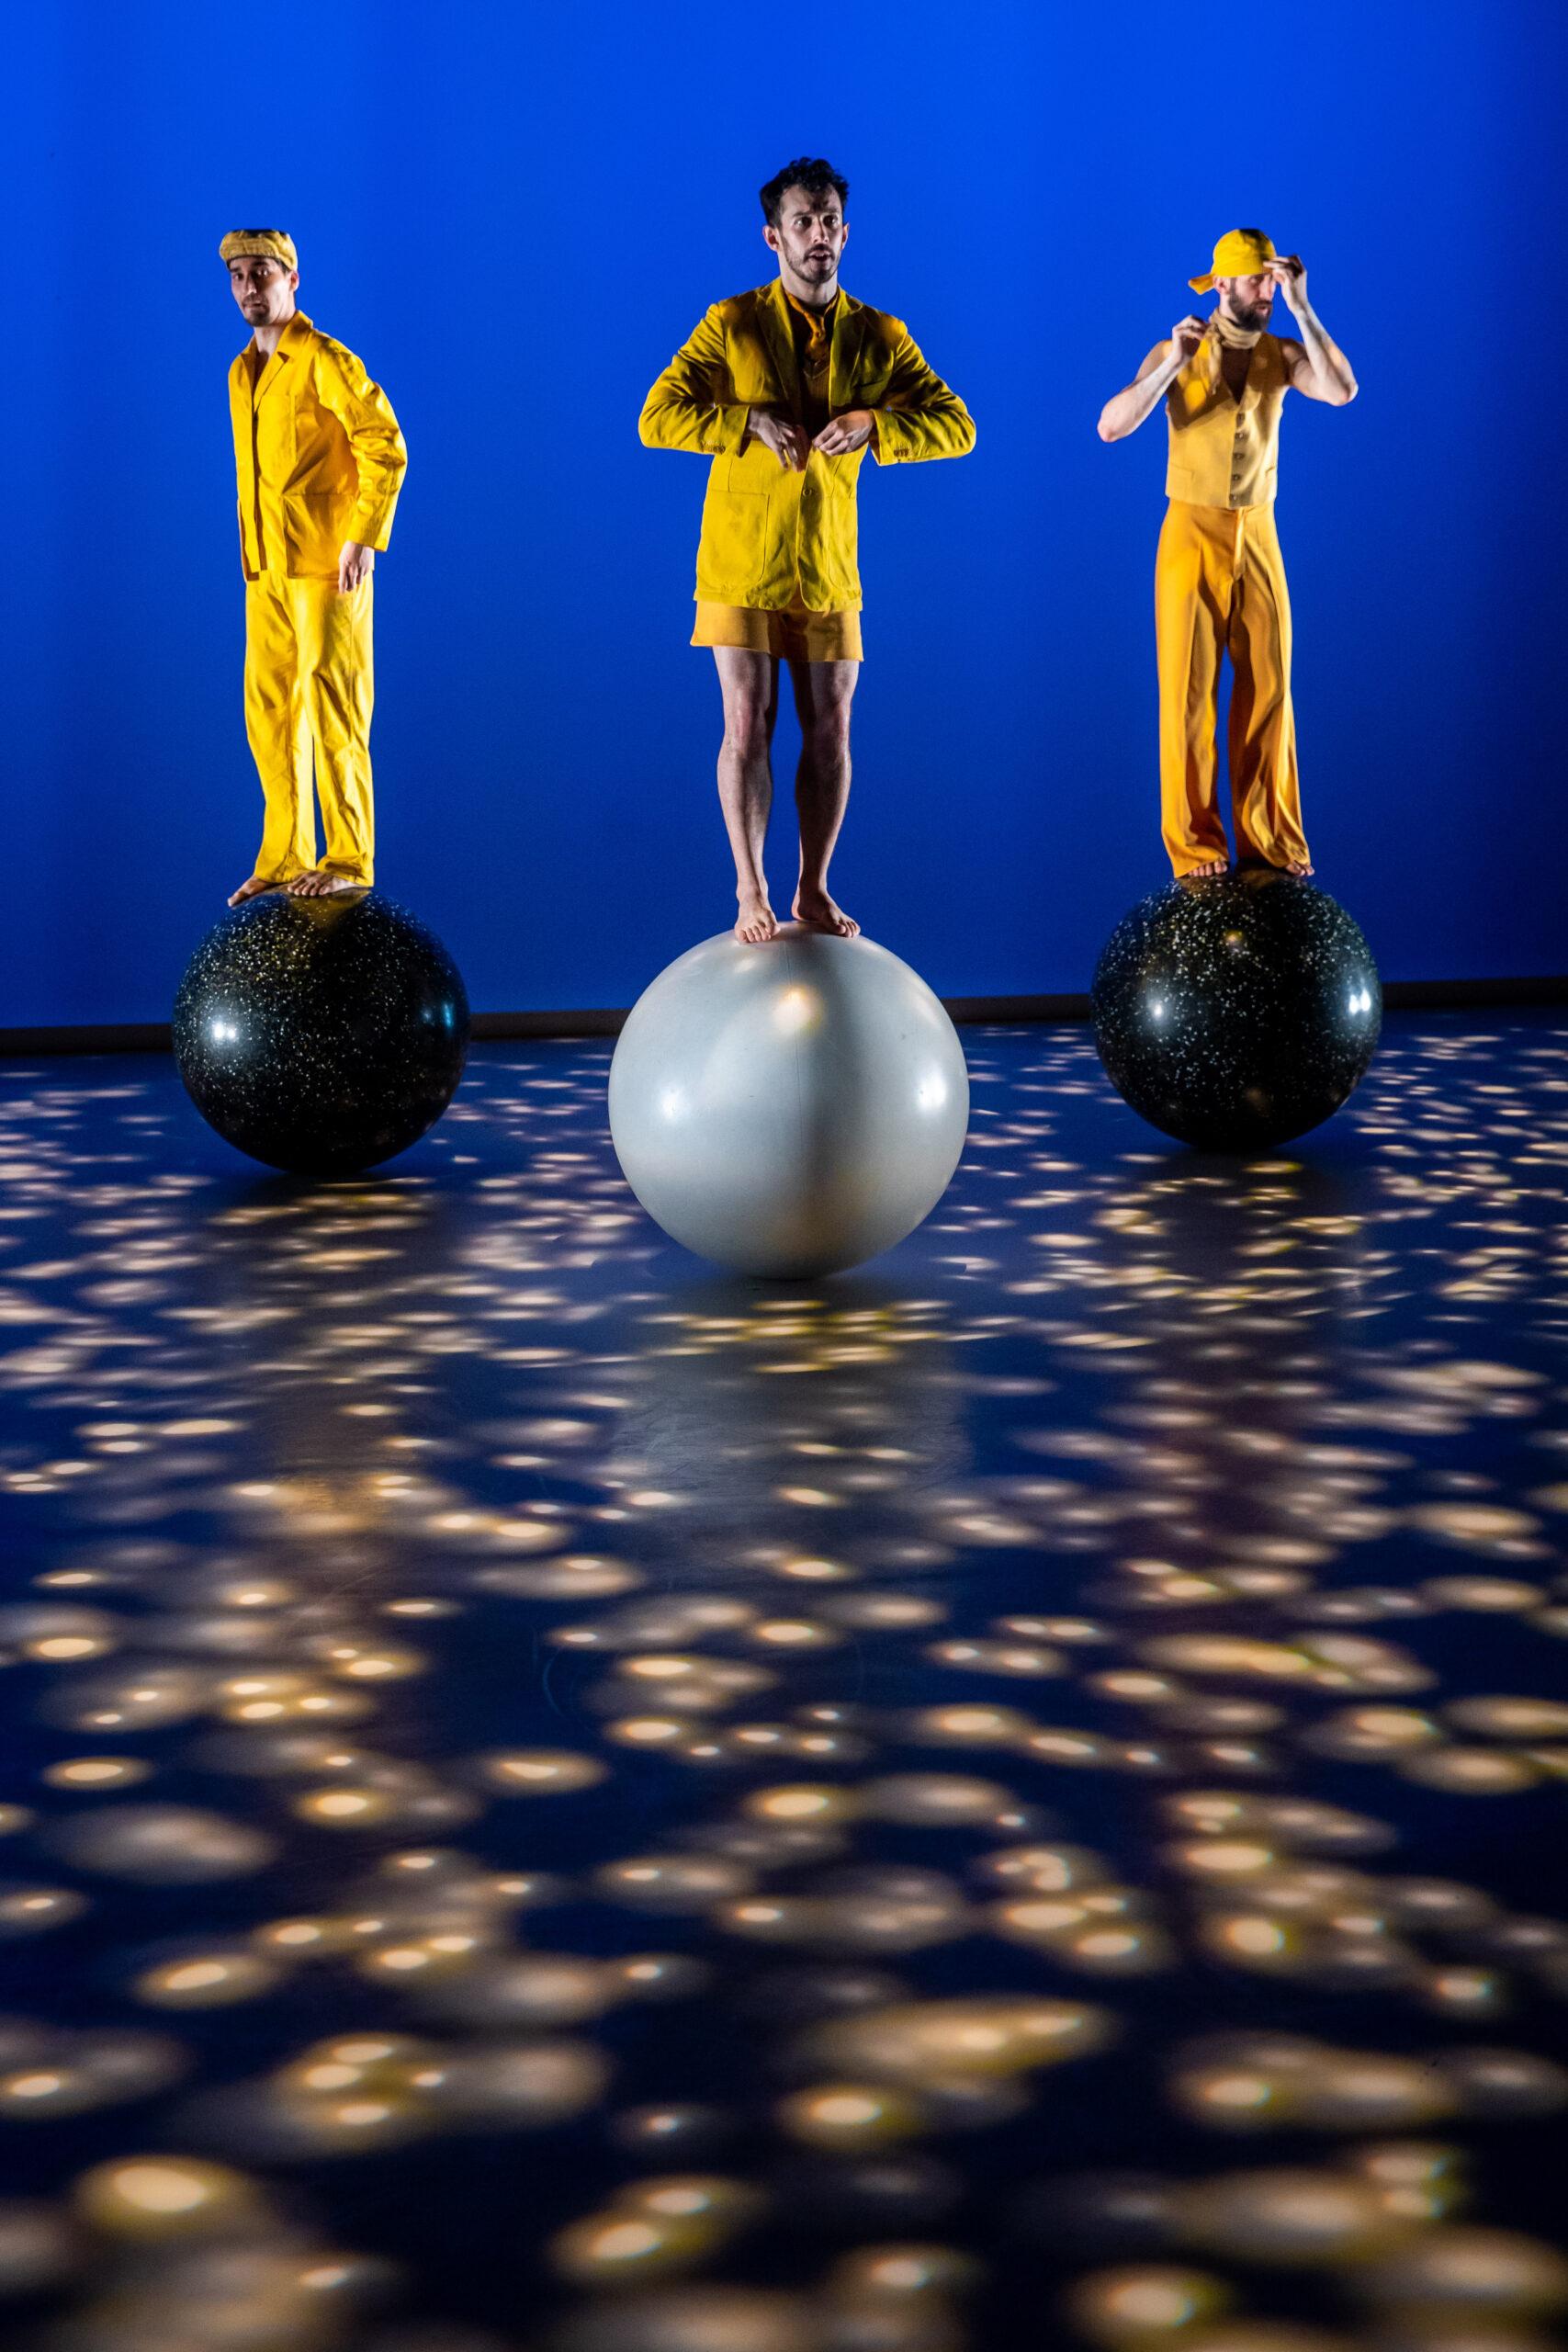 A táncművészek a felkészülési időszakban különösen nagy hangsúlyt fektettek a partnerakrobatikára, amelyhez cirkuszi szakemberek nyújtottak segítséget.